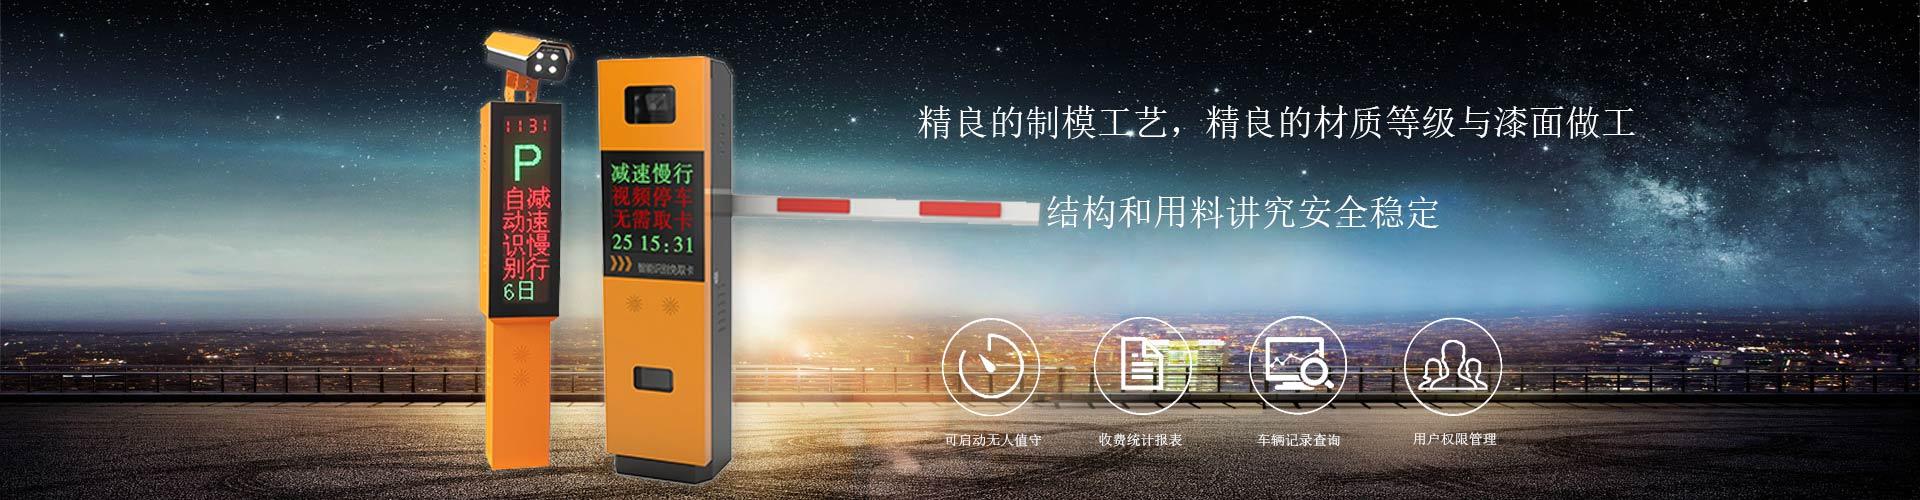 上海博天堂官网�T�I有限公司